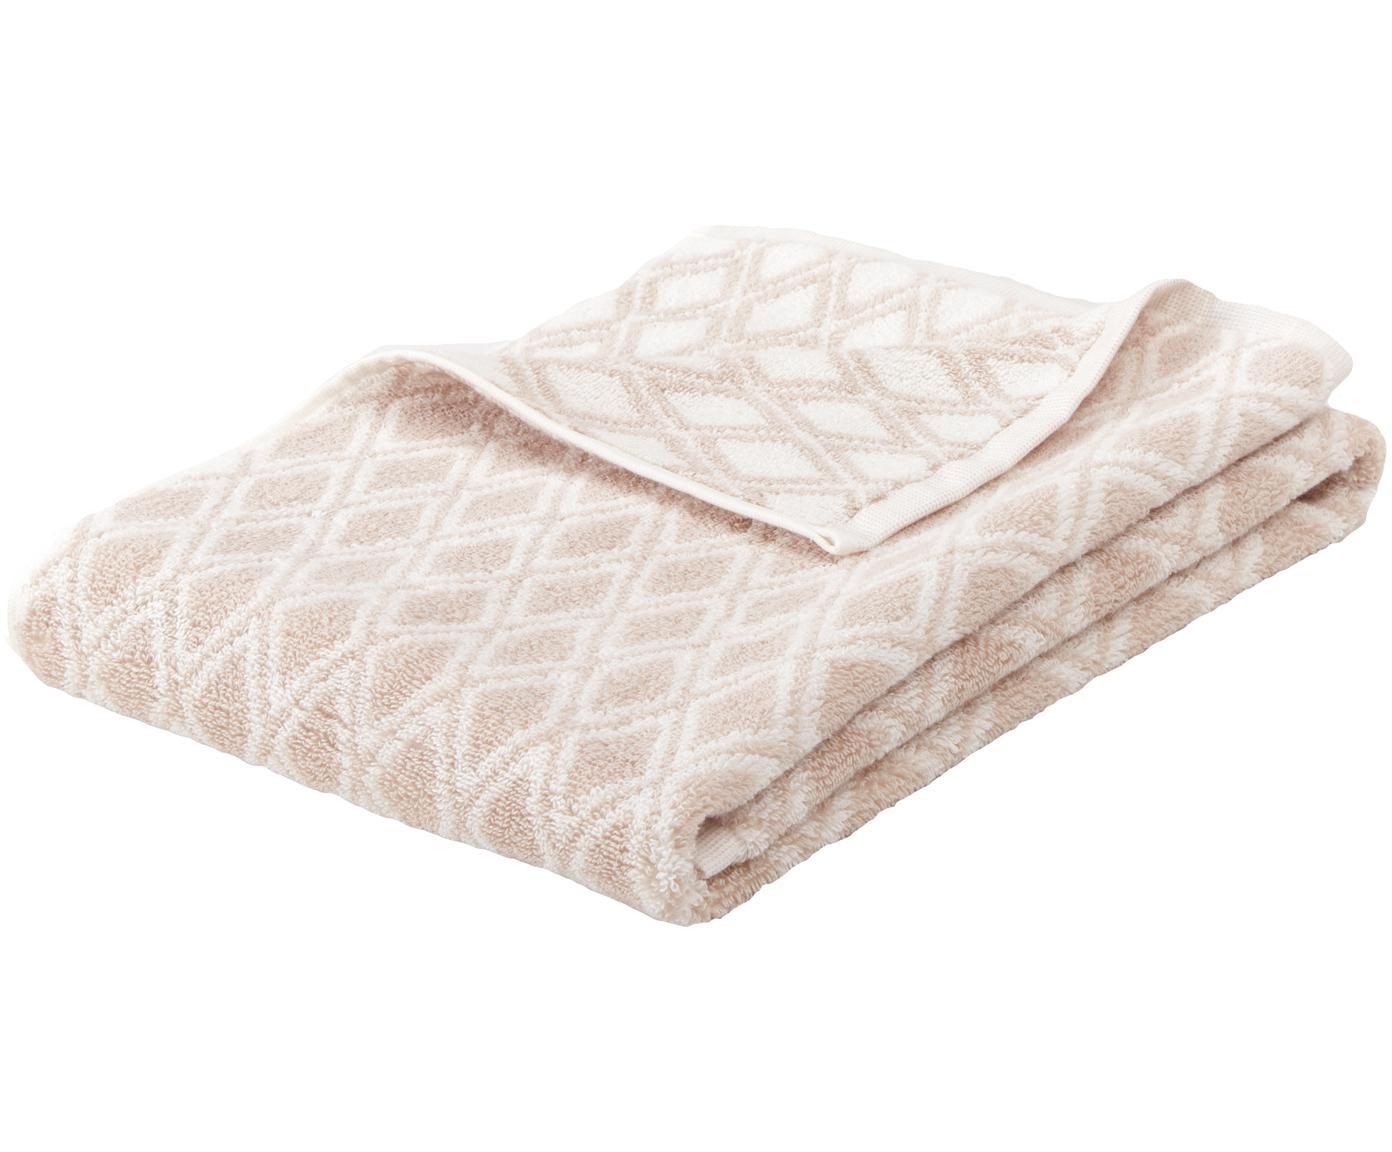 Dwustronny ręcznik Ava, Odcienie piaskowego, kremowobiały, Ręcznik do rąk